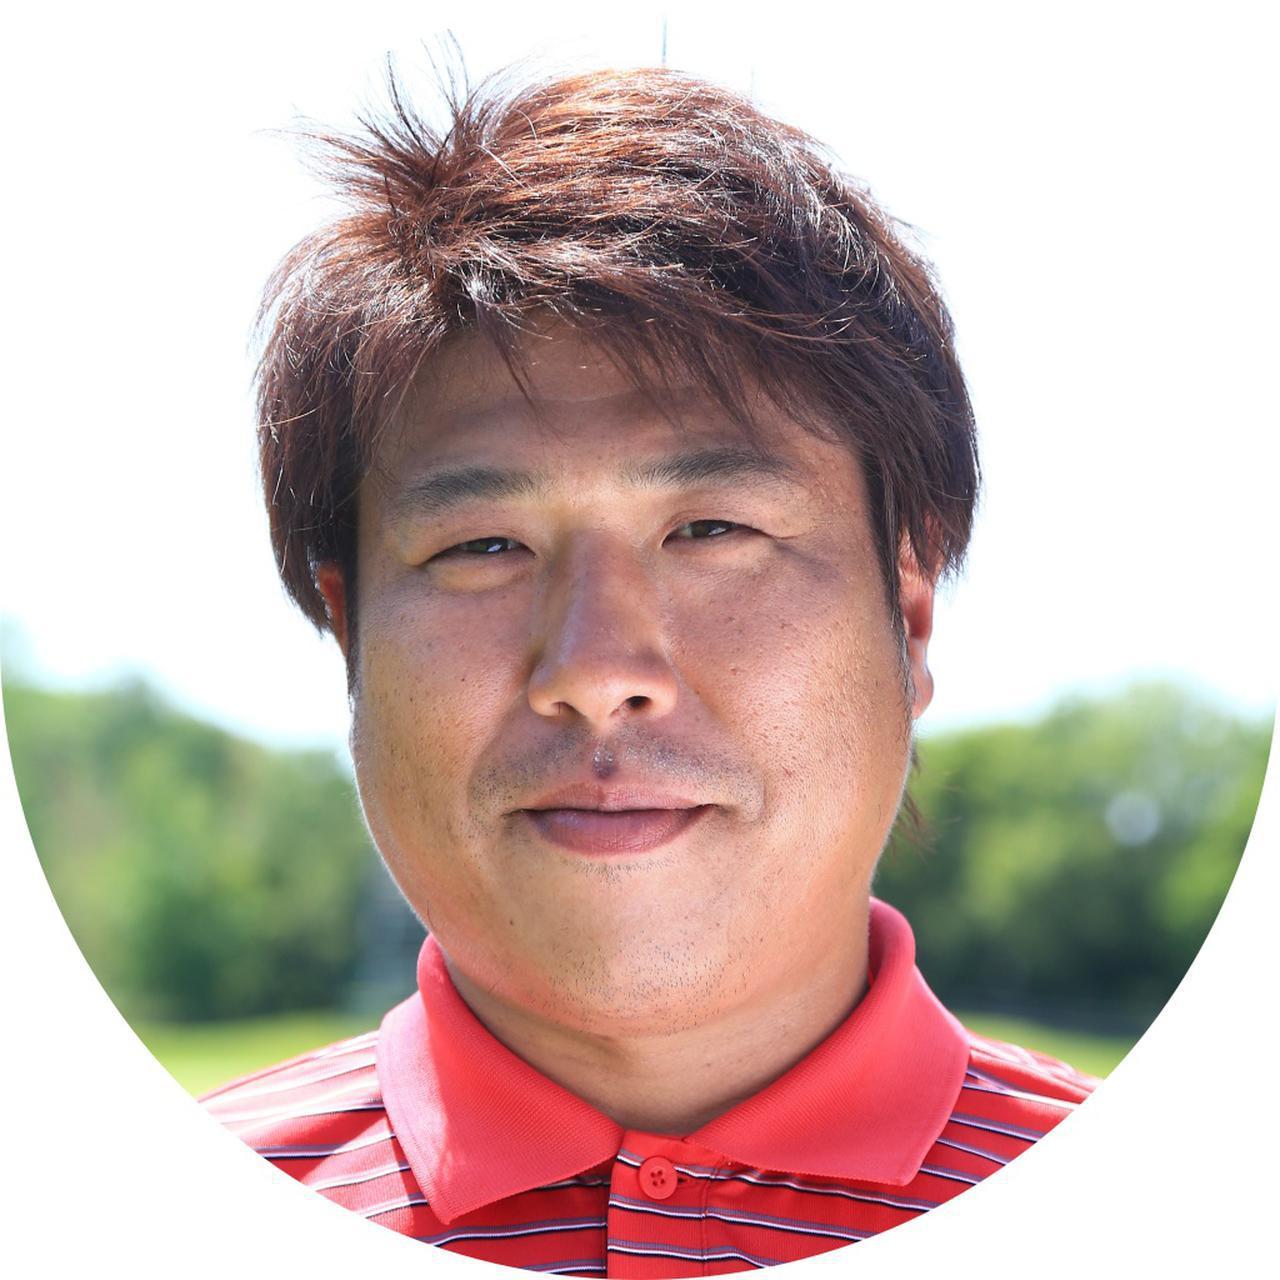 画像: 【解説】辻村明志コーチ つじむらはるゆき。1975年生まれ福岡県出身。上田桃子、小祝さくらなど、多くのトッププロを指導する人気コーチ